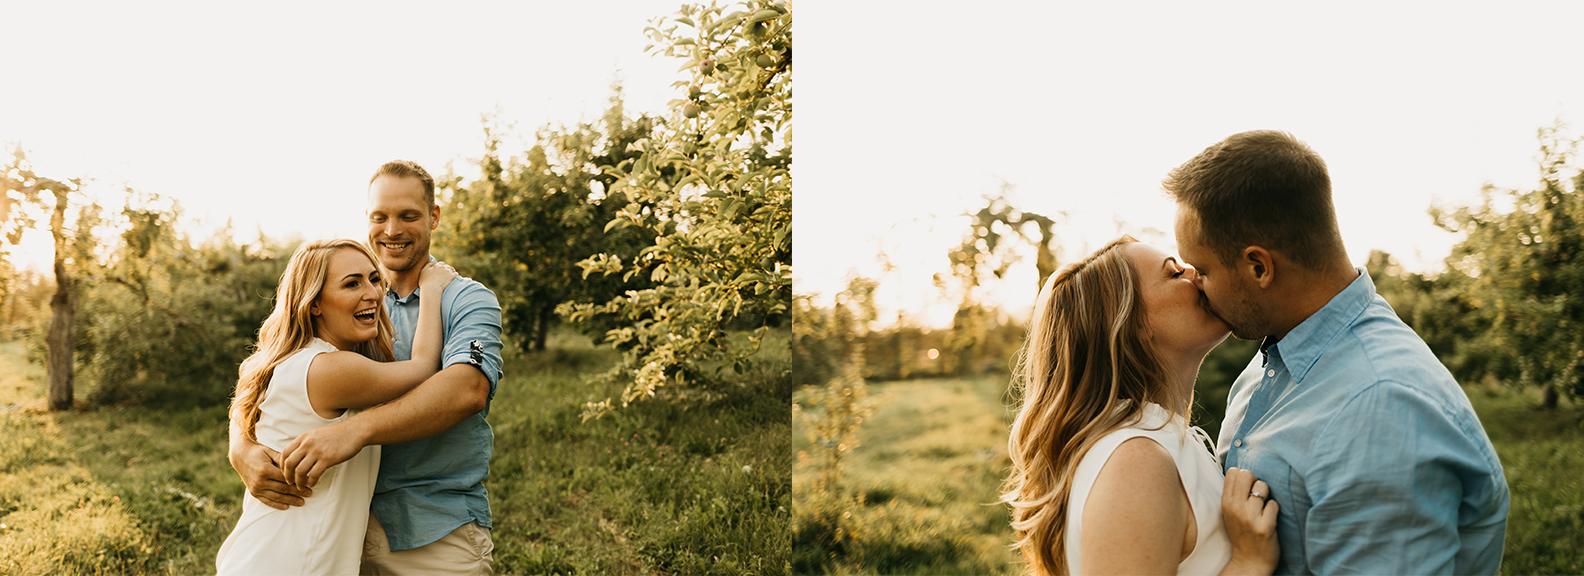 Engagement-shoot-Mont-saint-hilaire-québec-02.jpg